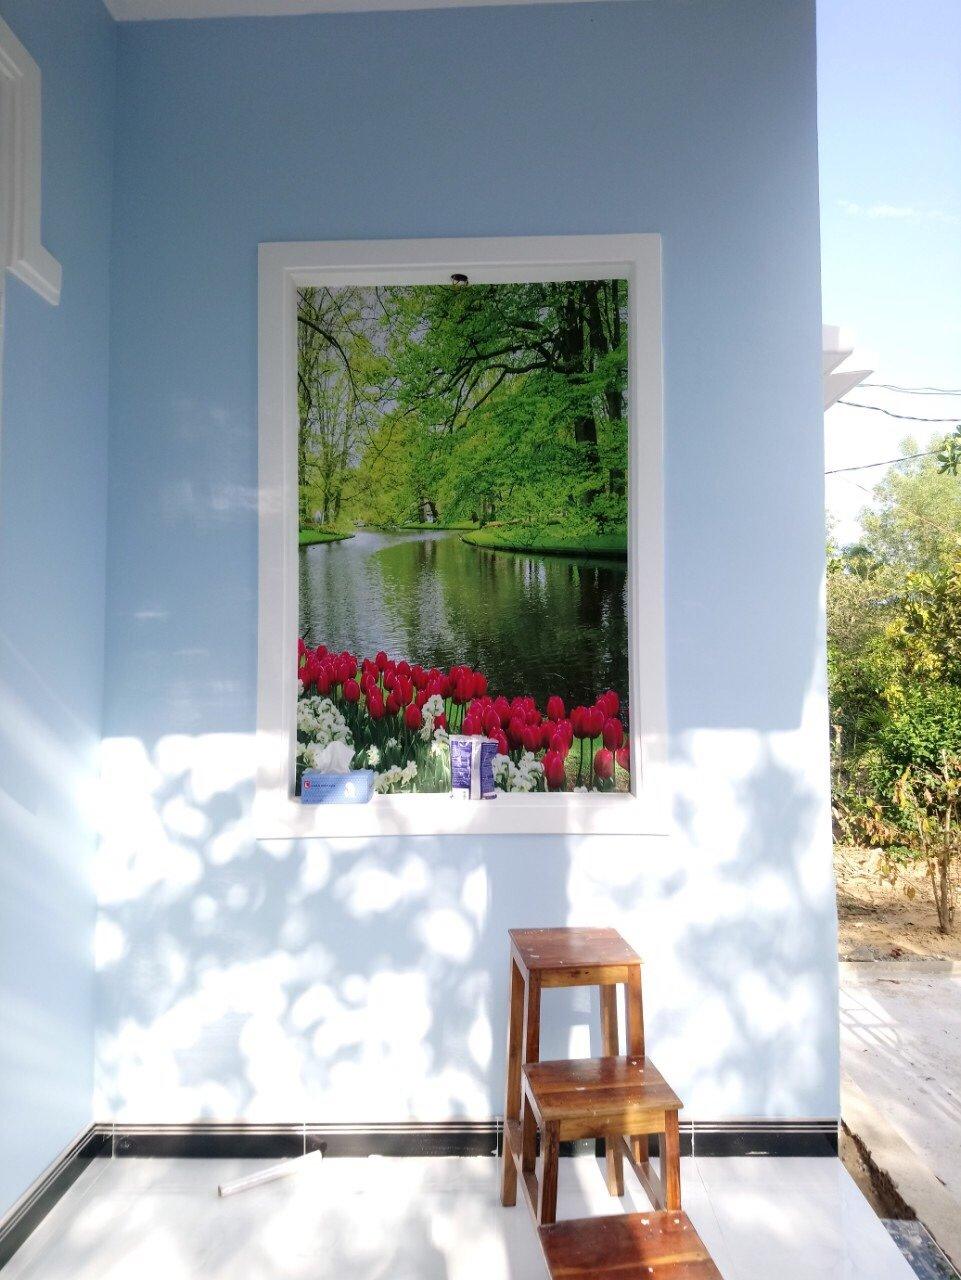 b6c6ff8ffcf91ea747e8 tranh dán tường 3d khung cửa sổ